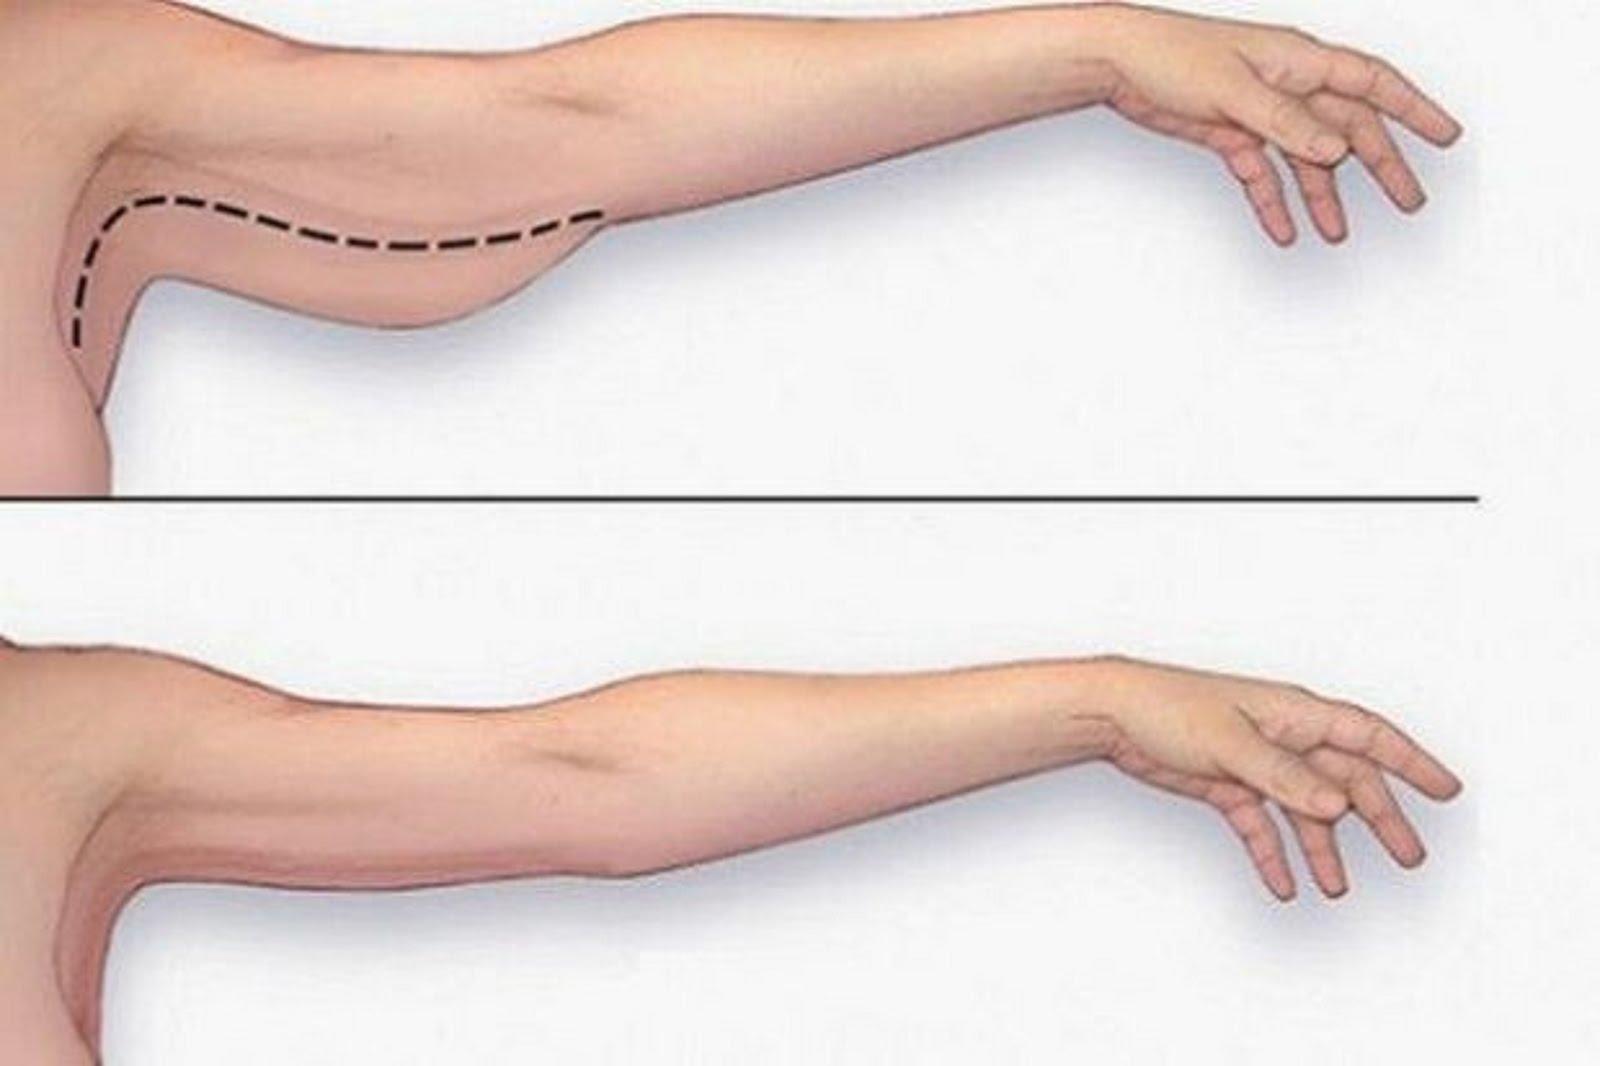 meilleure façon de brûler les gros bras